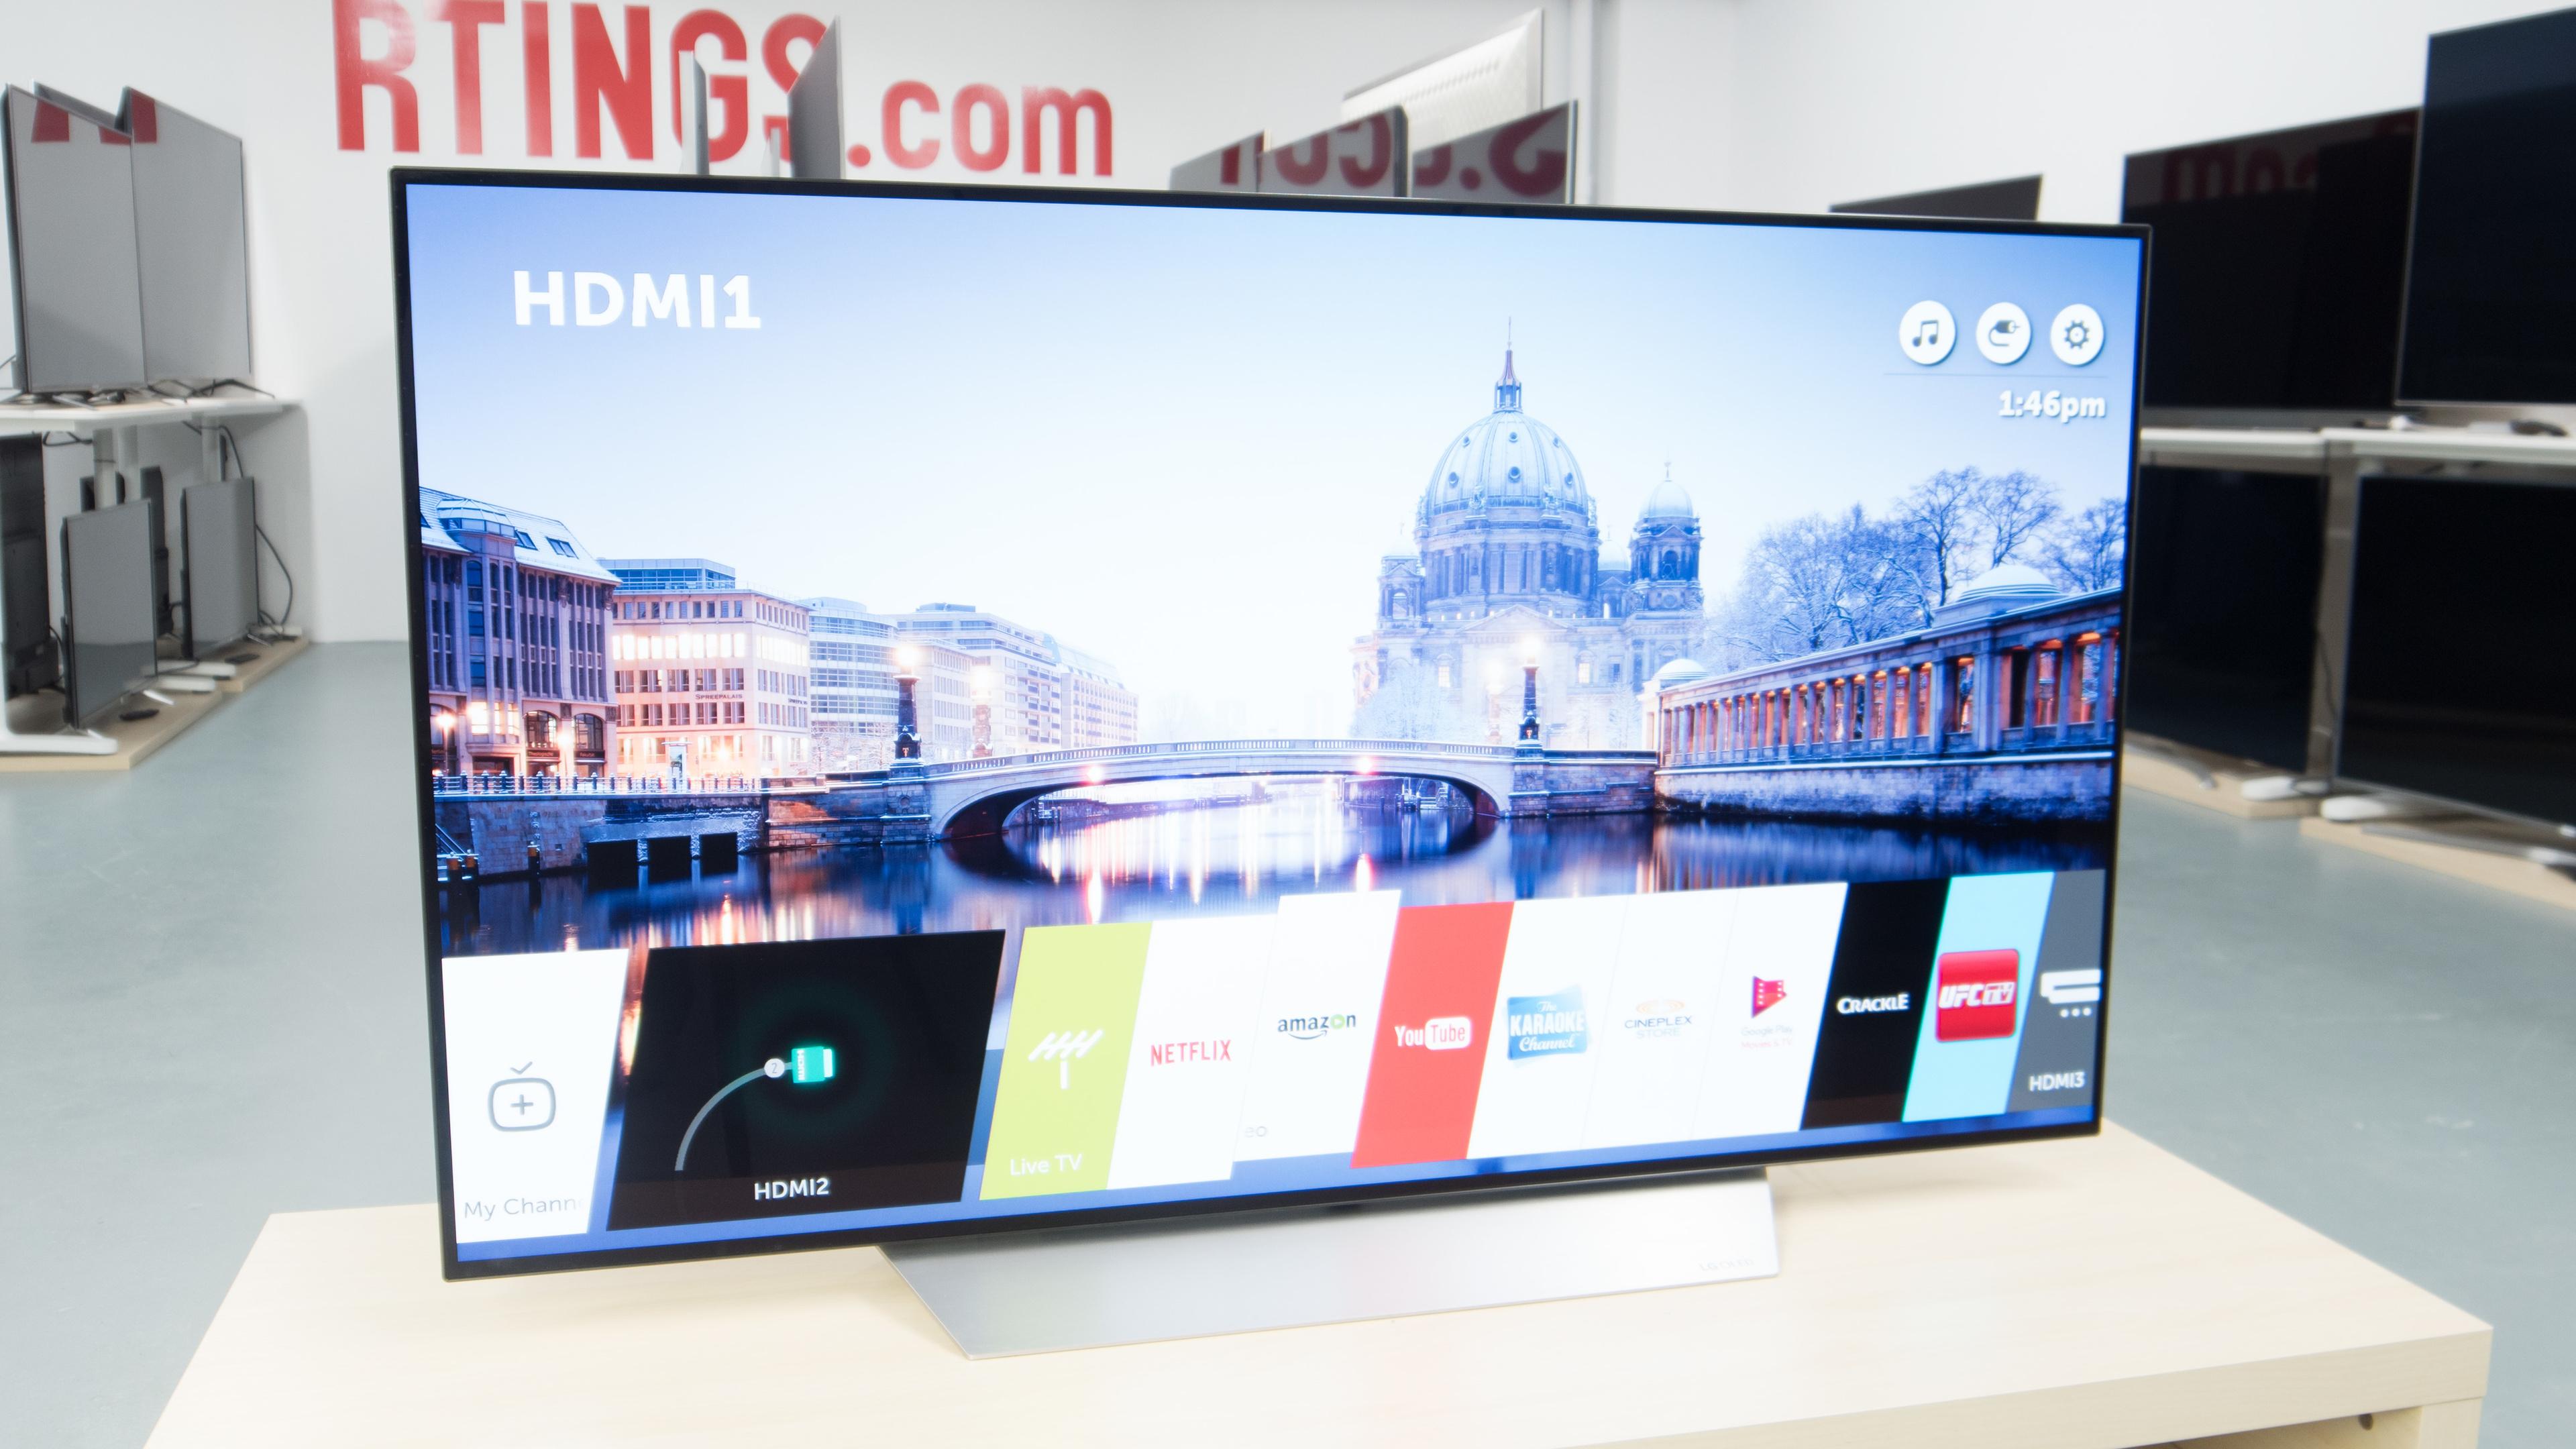 LG C7 OLED Review (OLED55C7P, OLED65C7P)